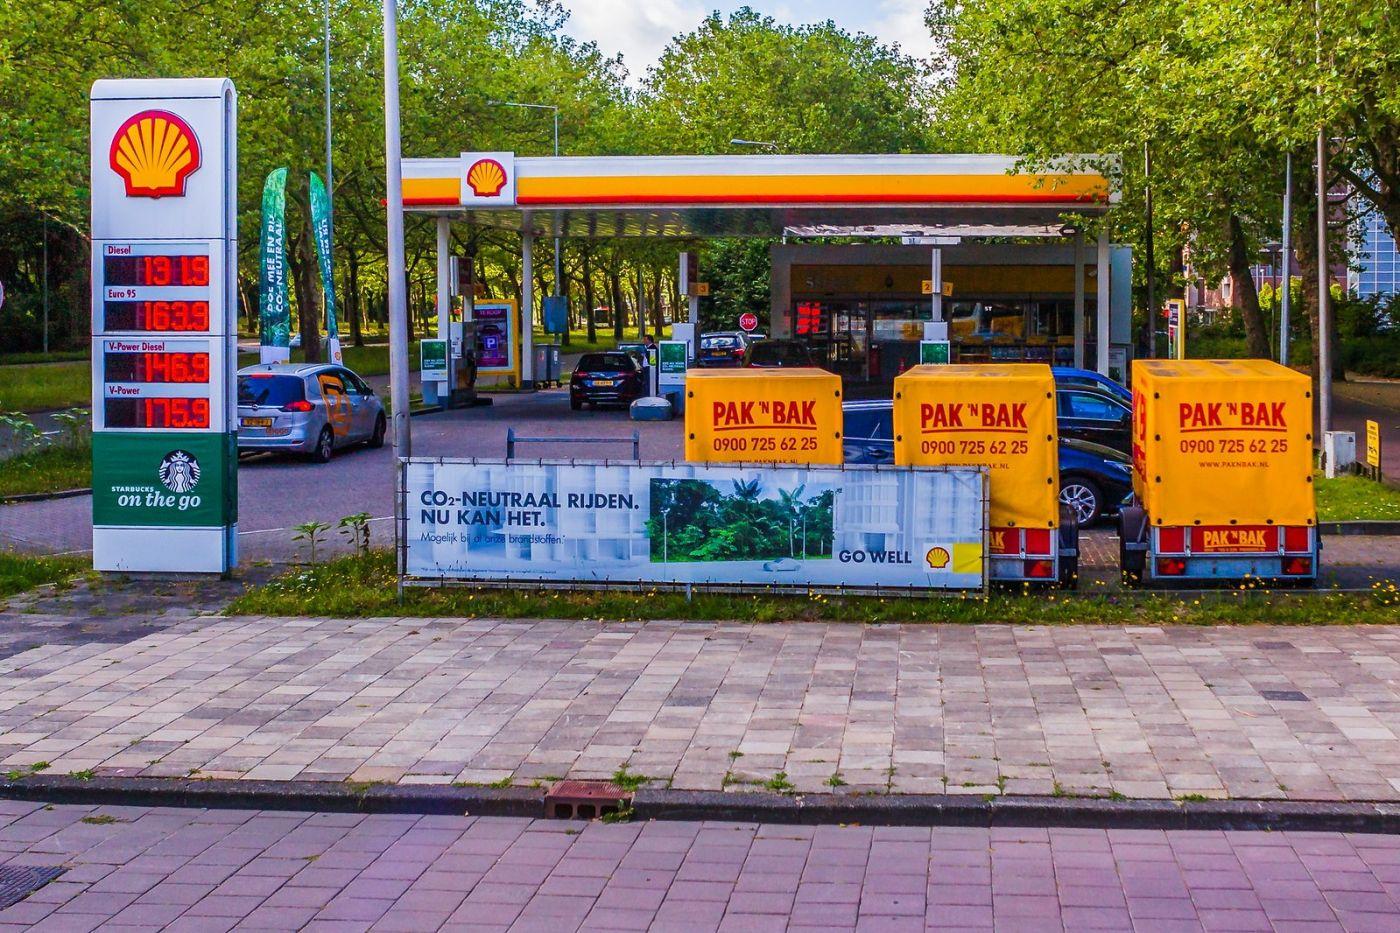 荷兰阿姆斯特丹,扫街随拍_图1-27